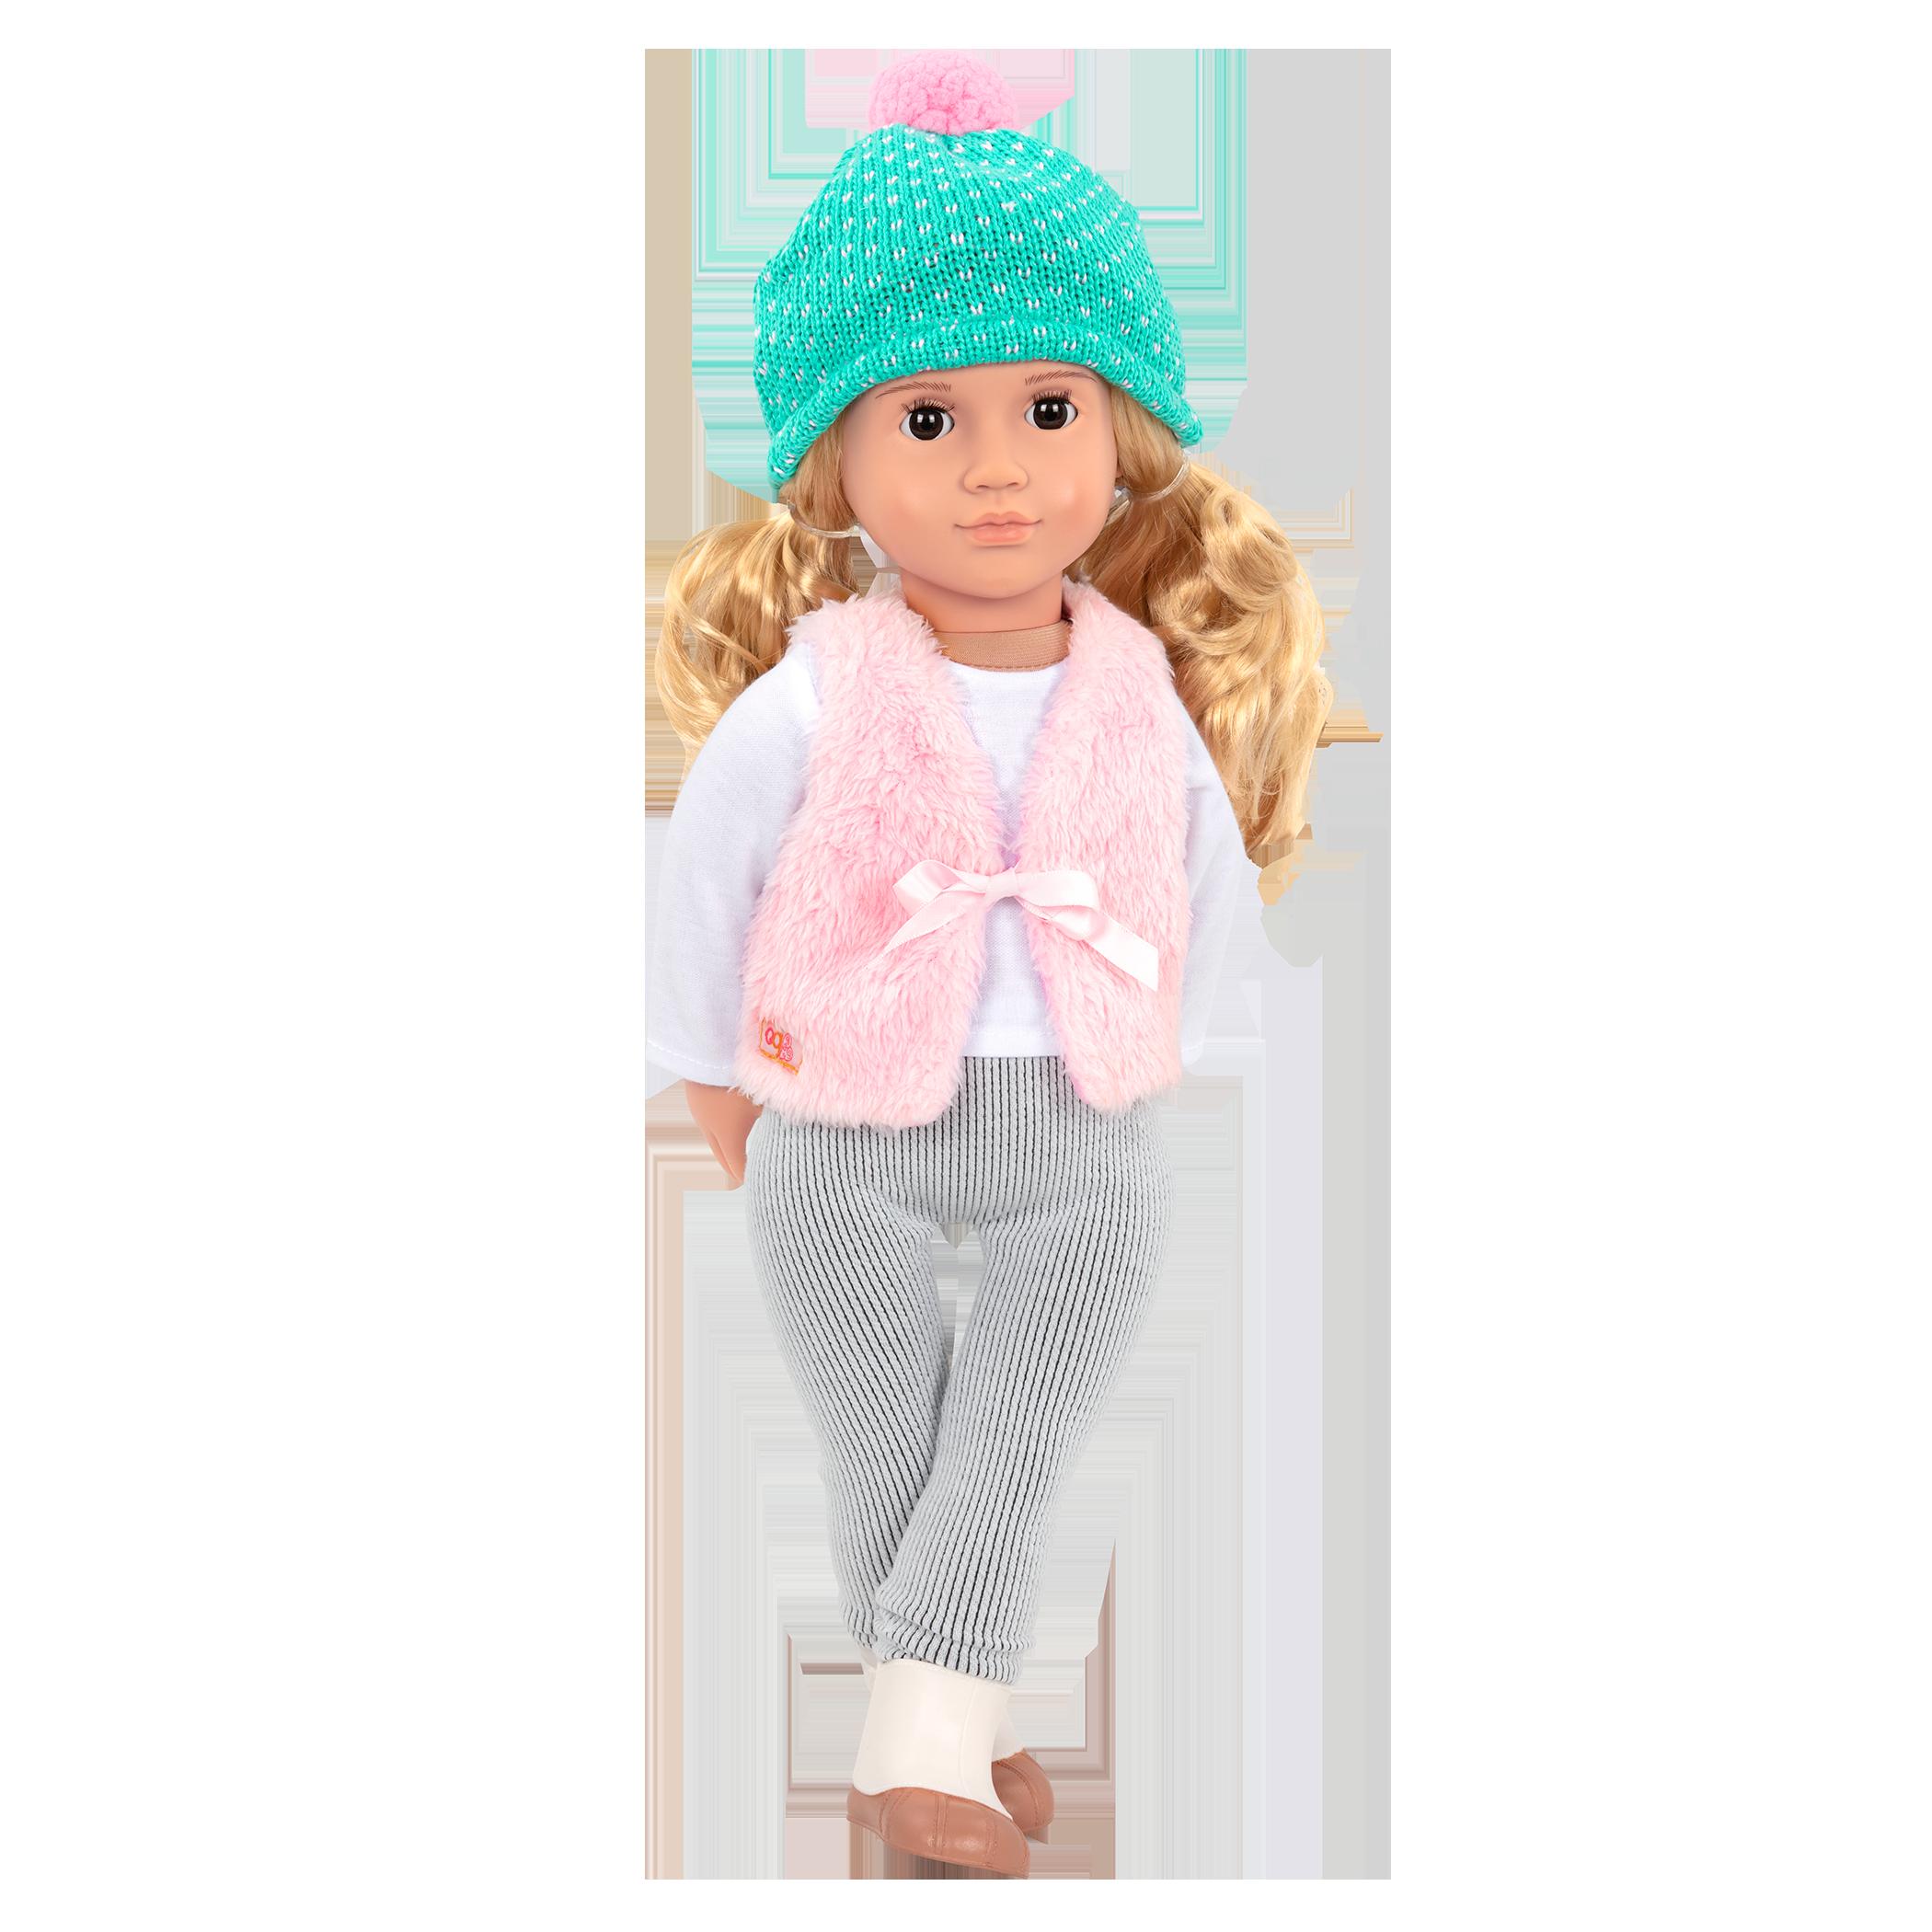 Noelle wearing the Fuzzy Feelings outfit